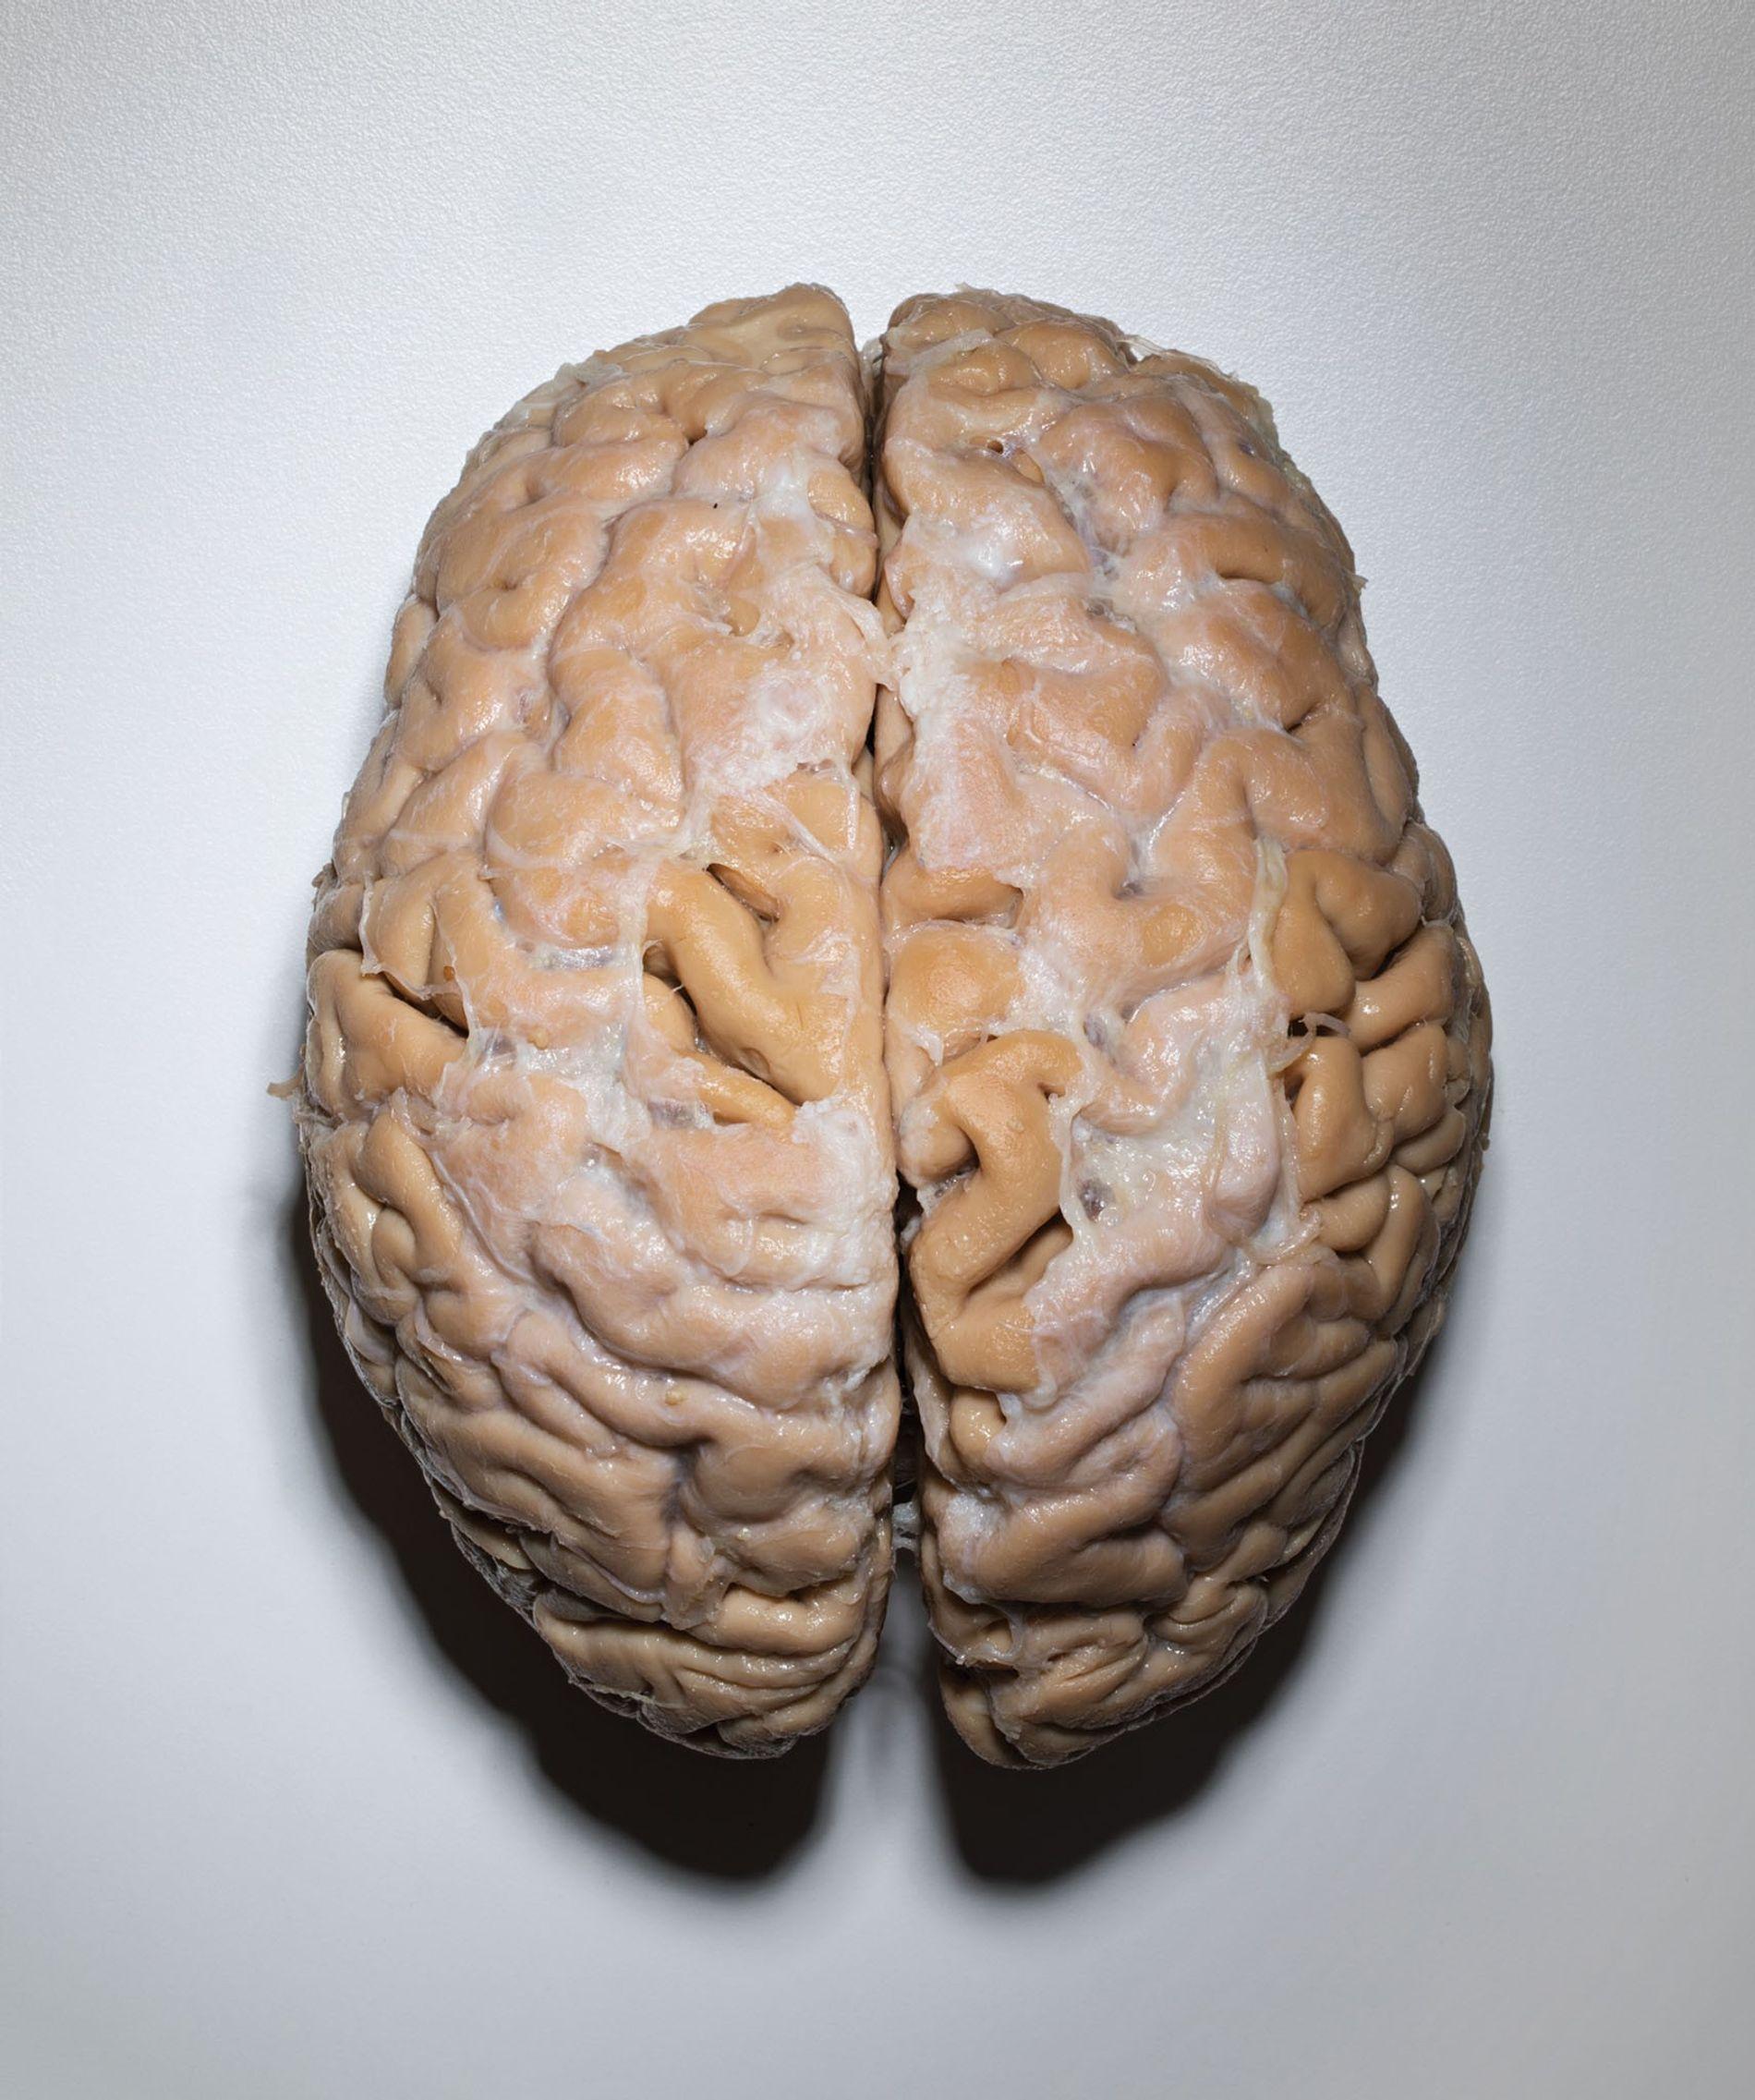 Ce cerveau, donné par un homme de 101 ans, est plus gros que la moyenne pour une personne de cet âge. L'homme était réputé pour avoir encore toutes ses facultés.